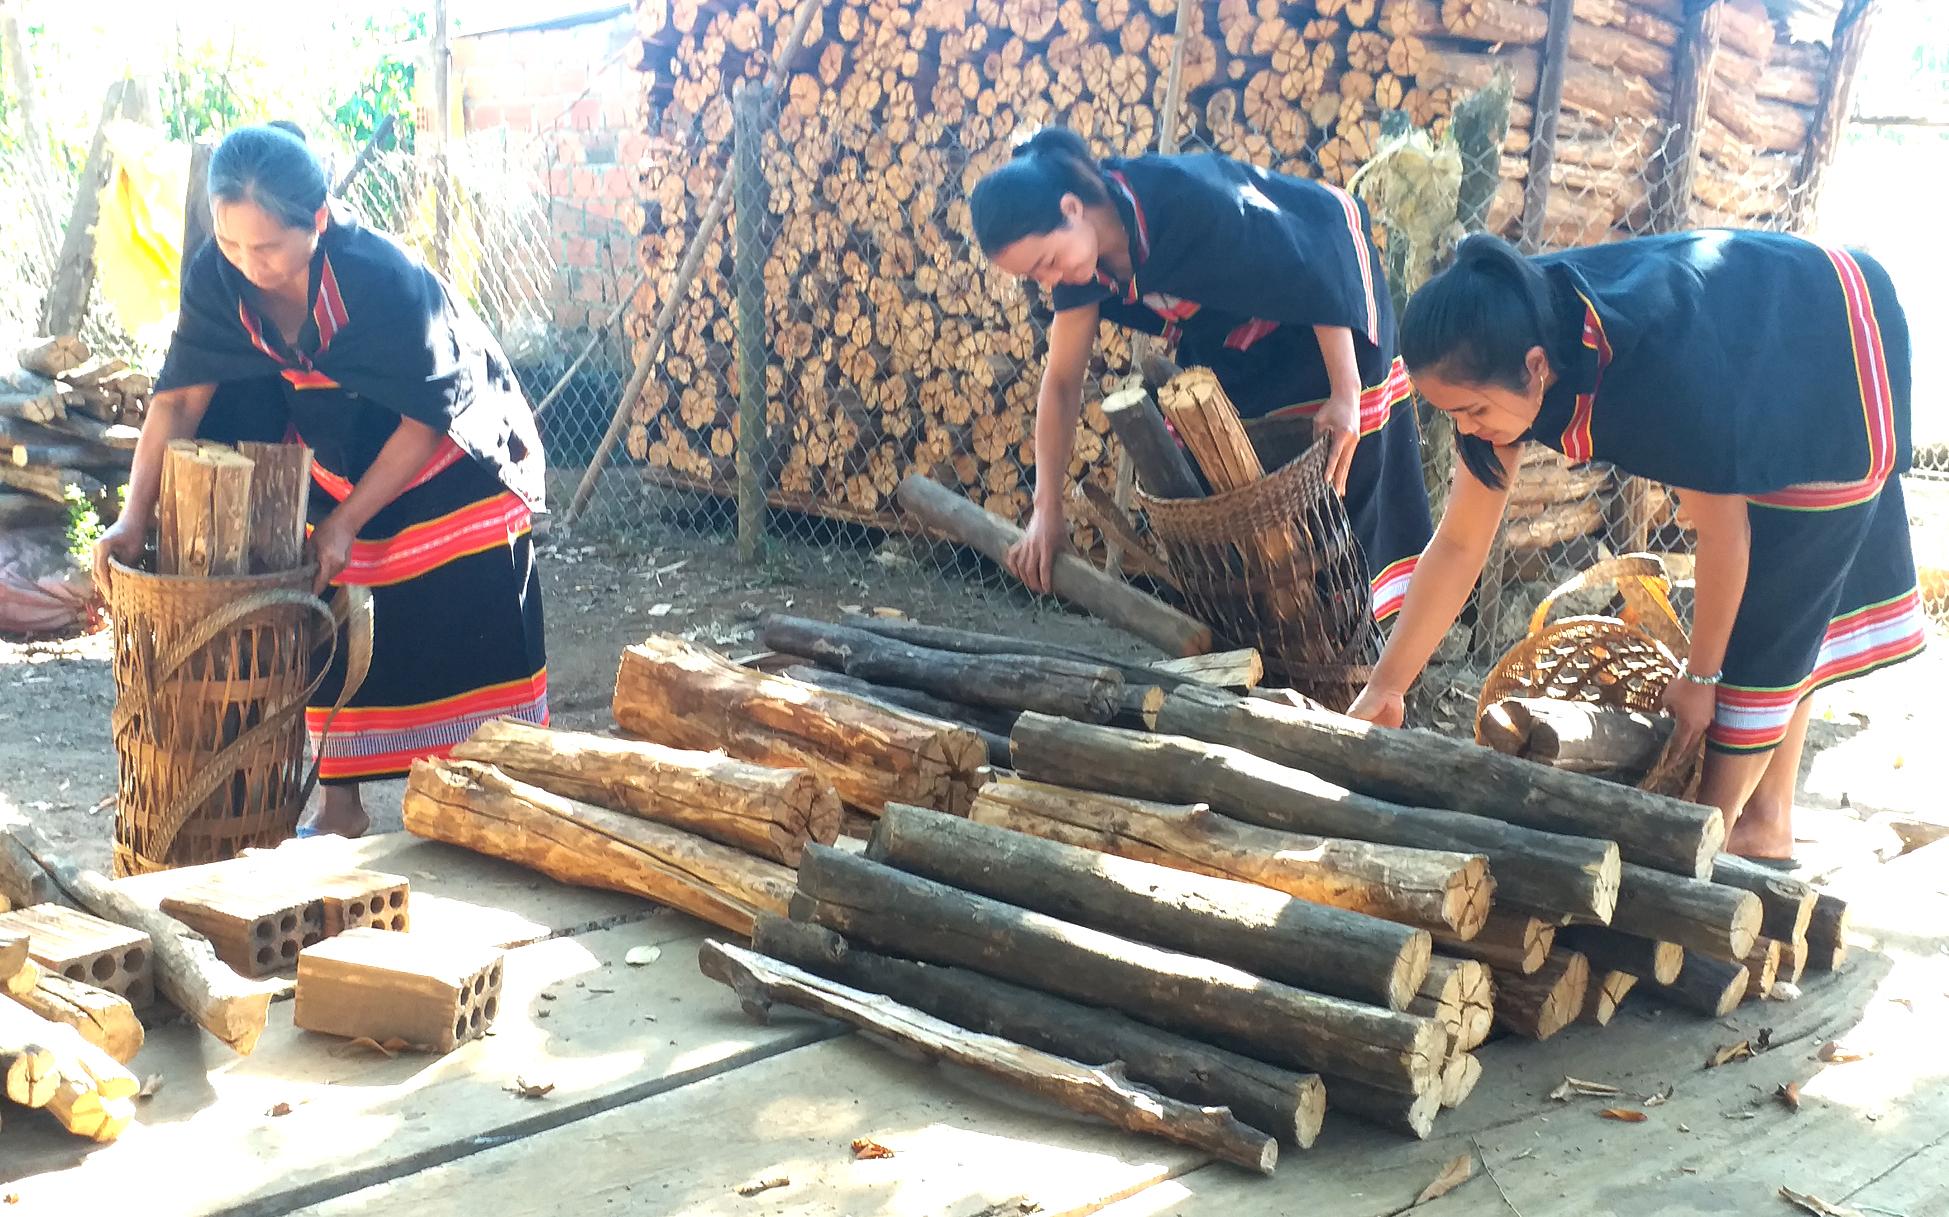 Phong tục cưới của người Triêng ở làng Đăk Răng